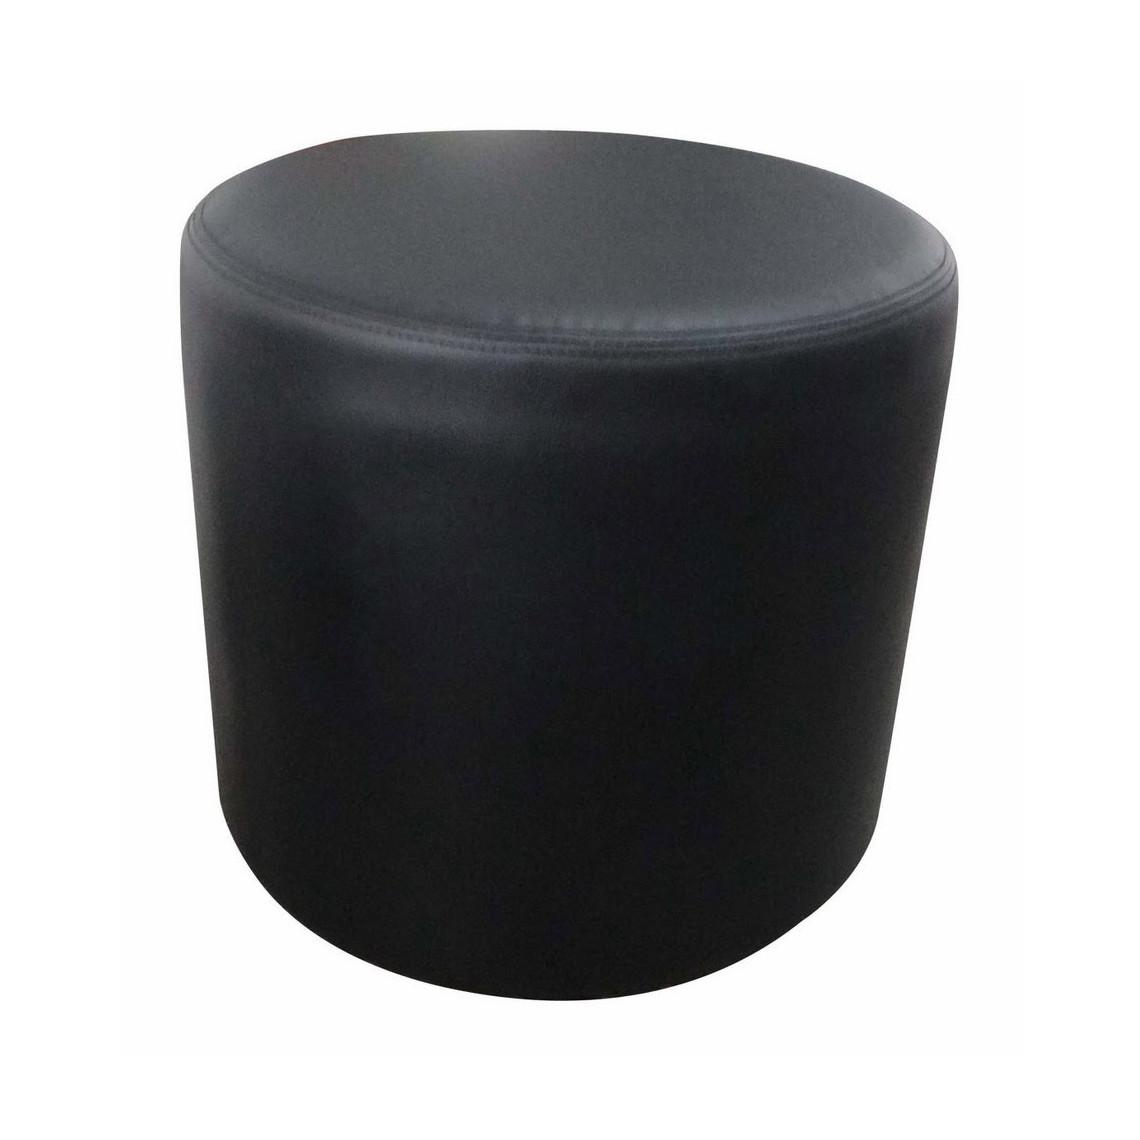 Pouf Cosy rond simili cuir noir (Ø50 cm)